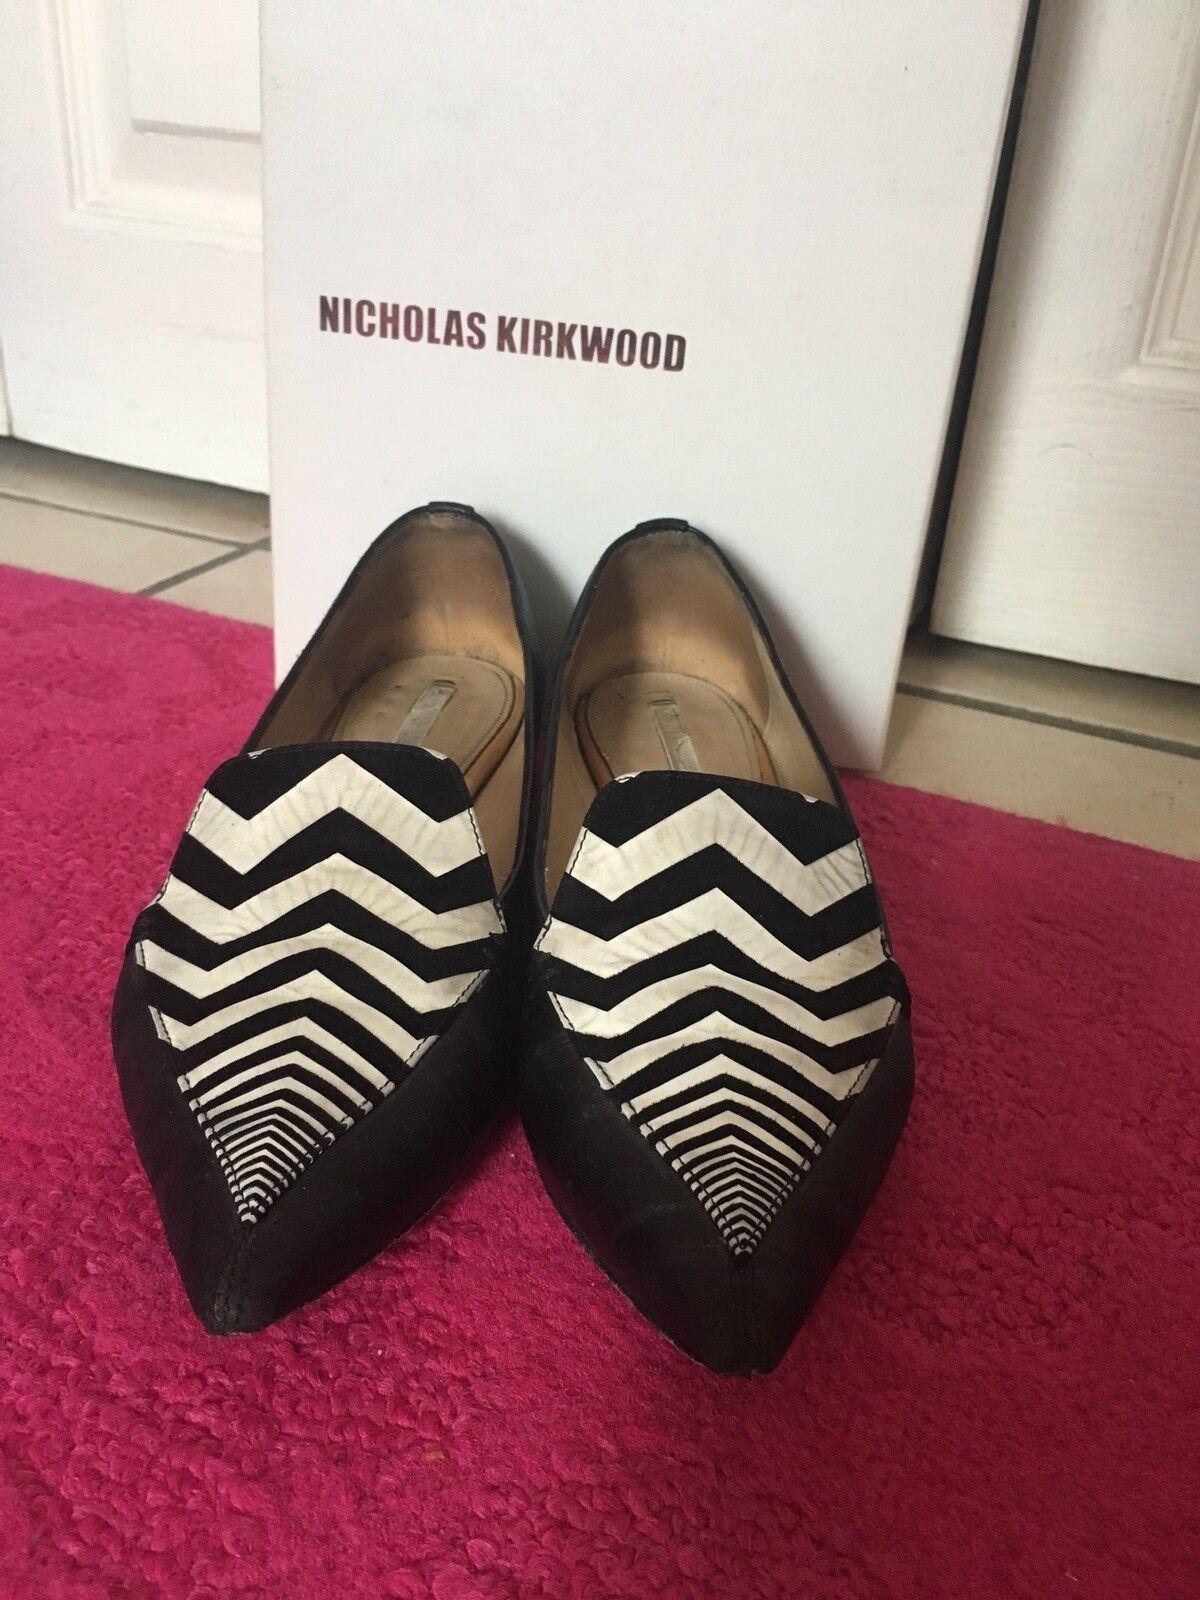 Nicholas Kirkwood 36 Pointed Toe Leathe Flats 36 Kirkwood cd9804